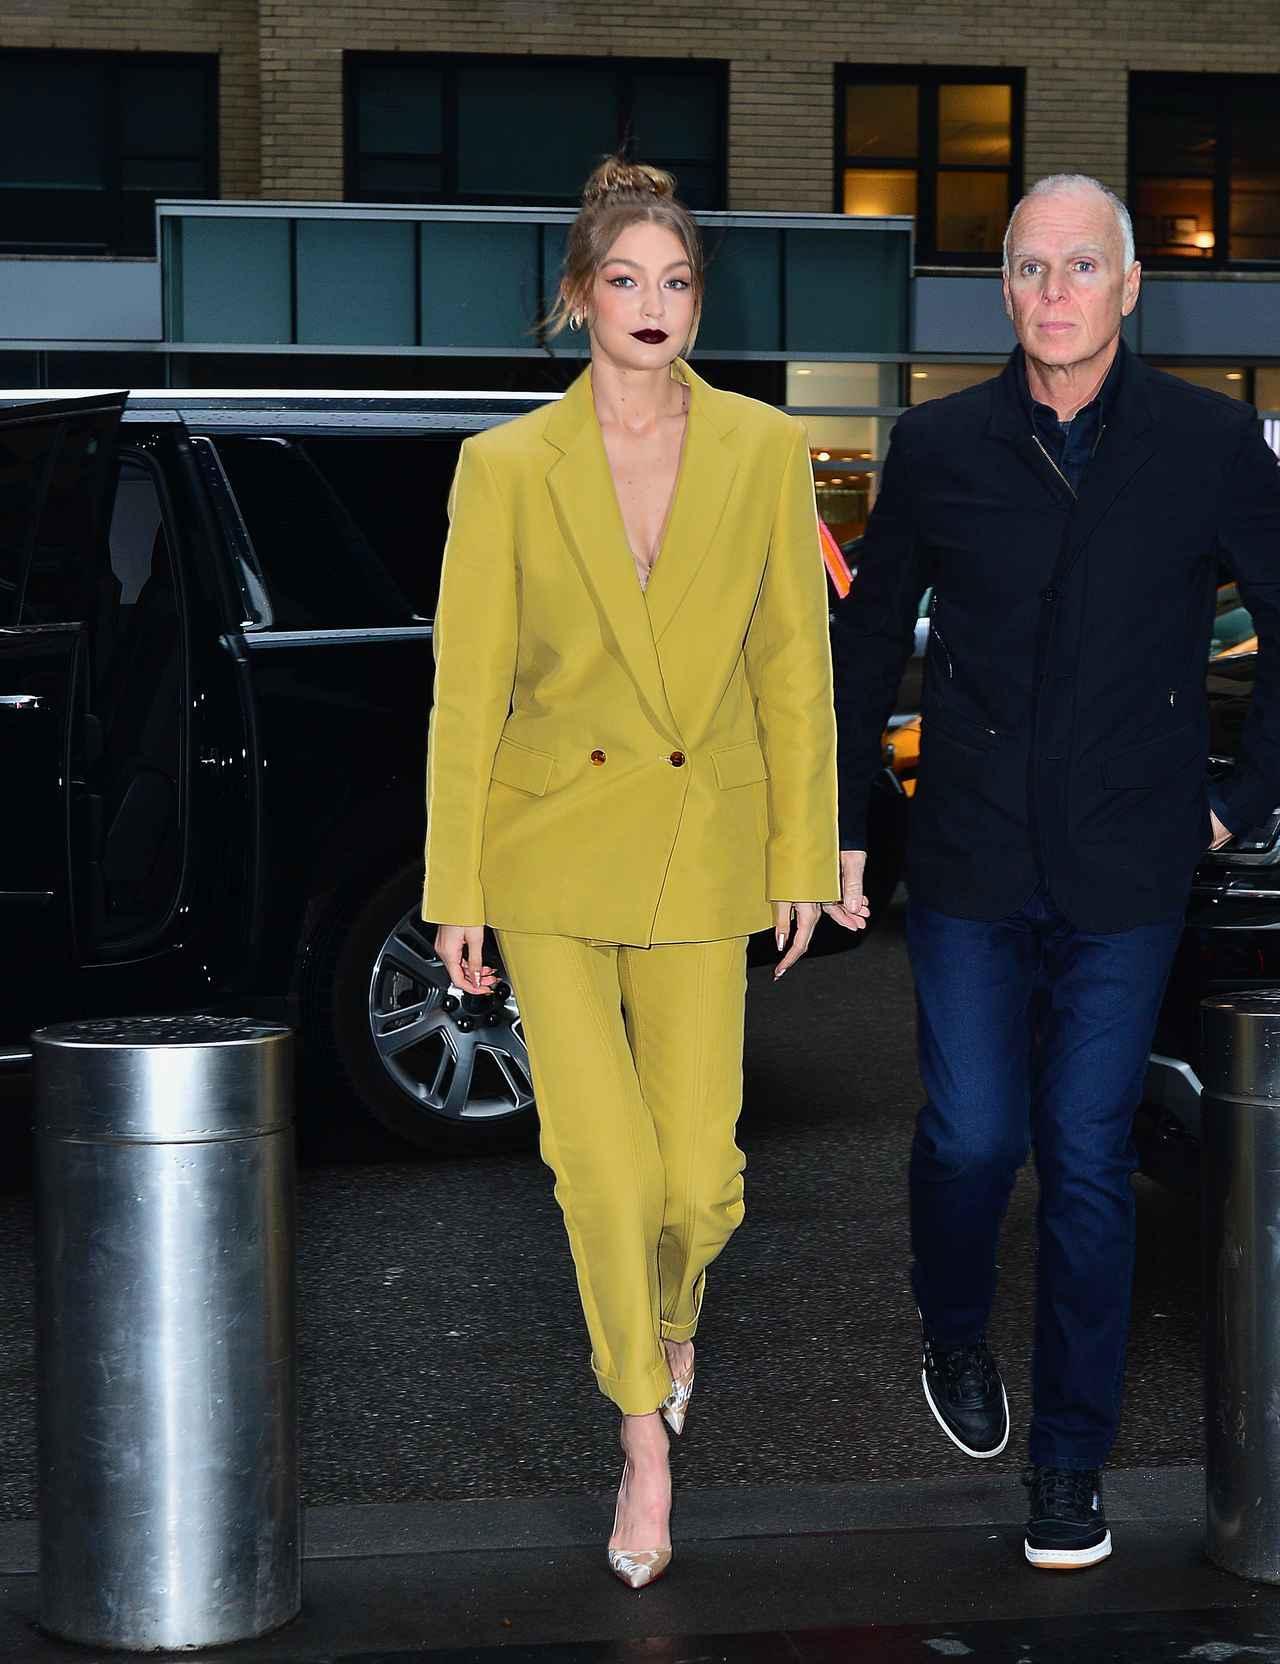 画像1: ジジ&ベラ・ハディッド、個性が光る双子スーツスタイルに注目